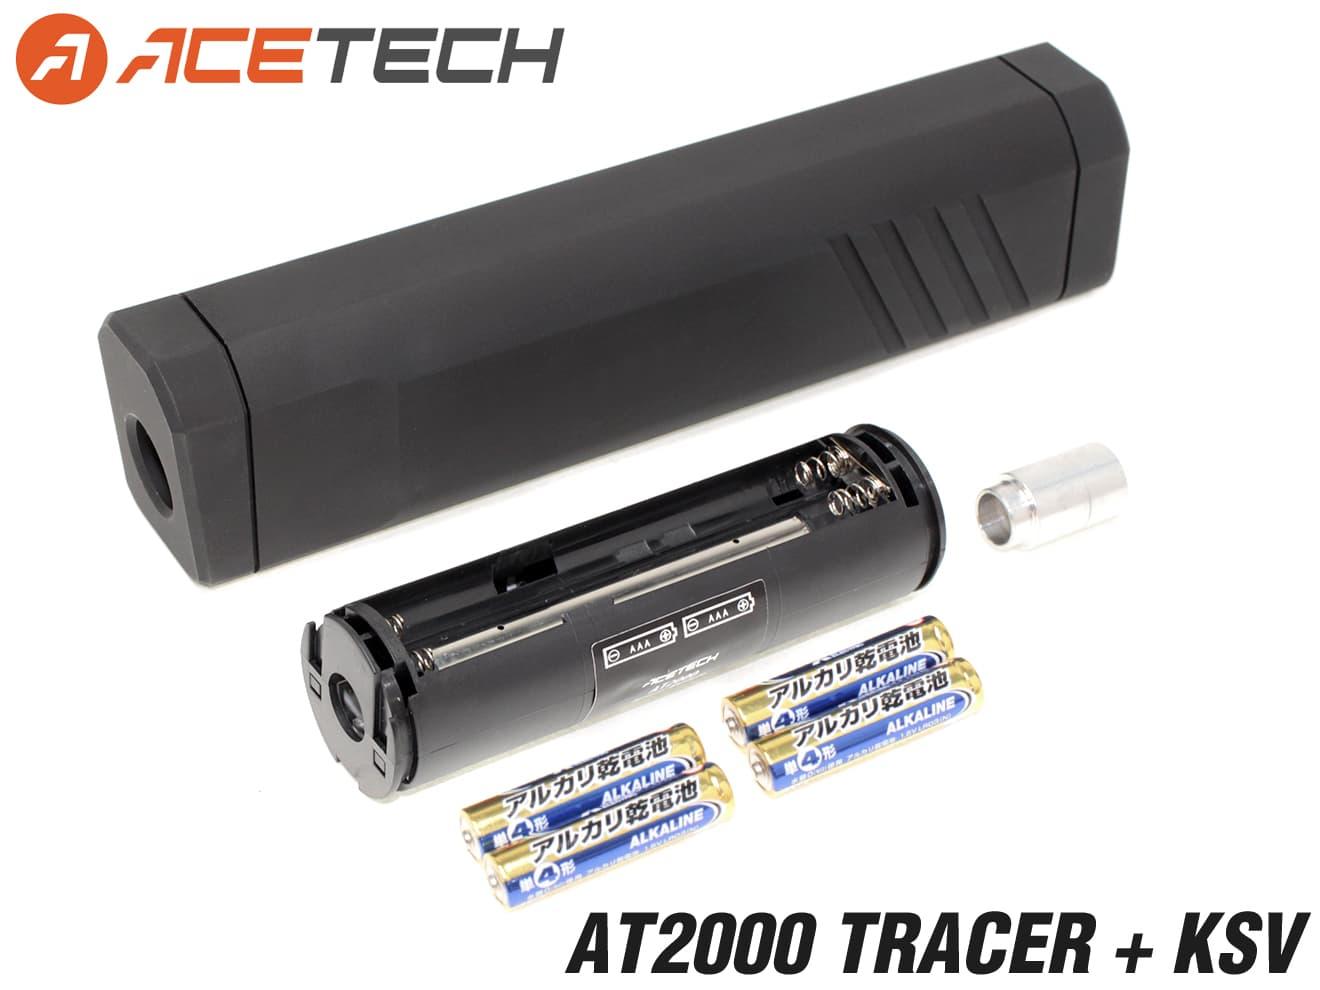 [電池付き]90日保証 ACETECH AT2000 UVストロボ フルオートトレーサー w/ KSVタイプ サイレンサー◆クリスベクター対応 充電可 蓄光BB弾用